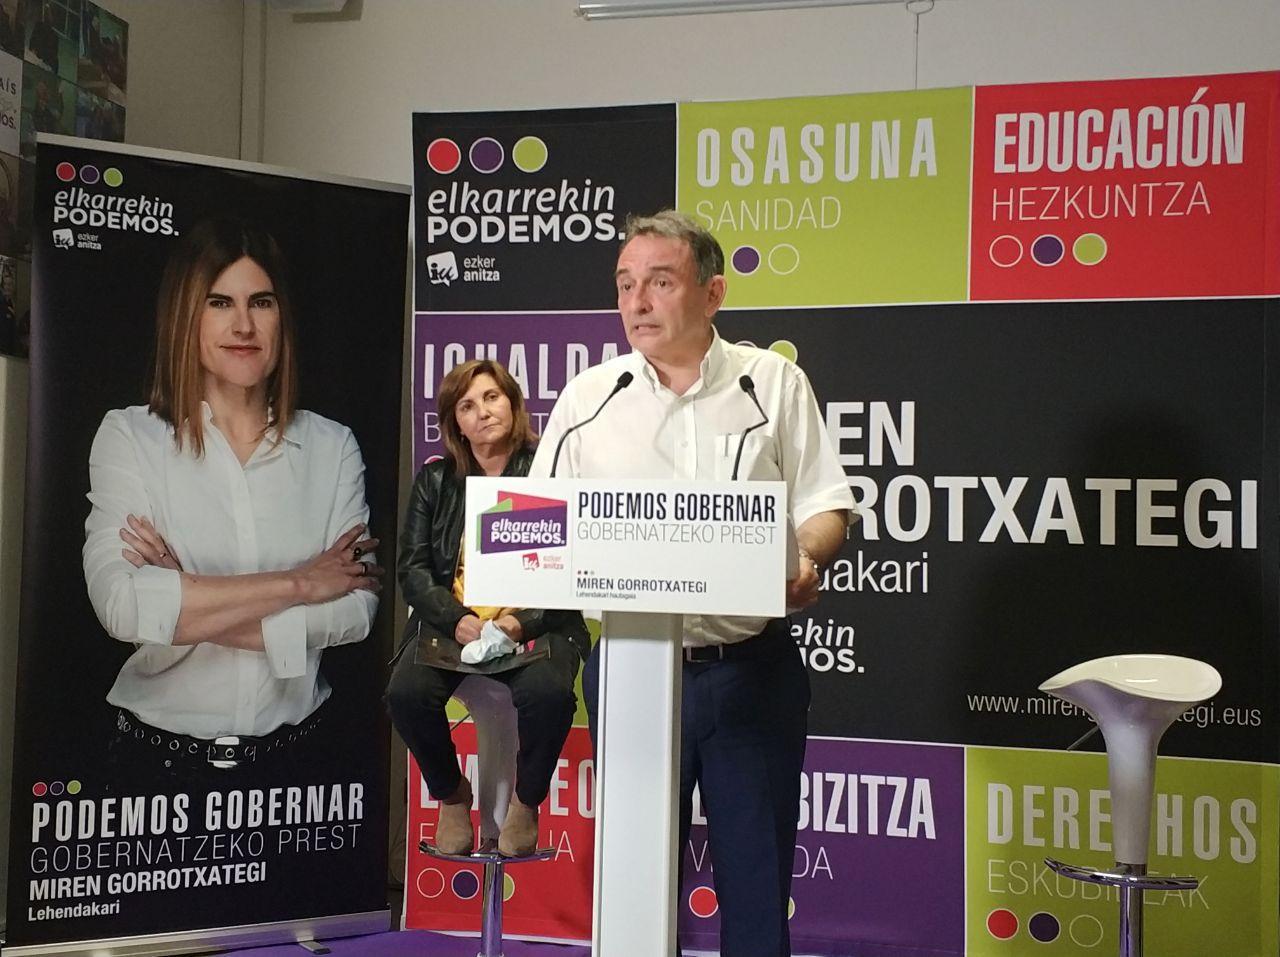 El Secretario General del PCE, Enrique Santiago apoyó ayer en Gasteiz la candidatura de Elkarrekin Podemos-IU.